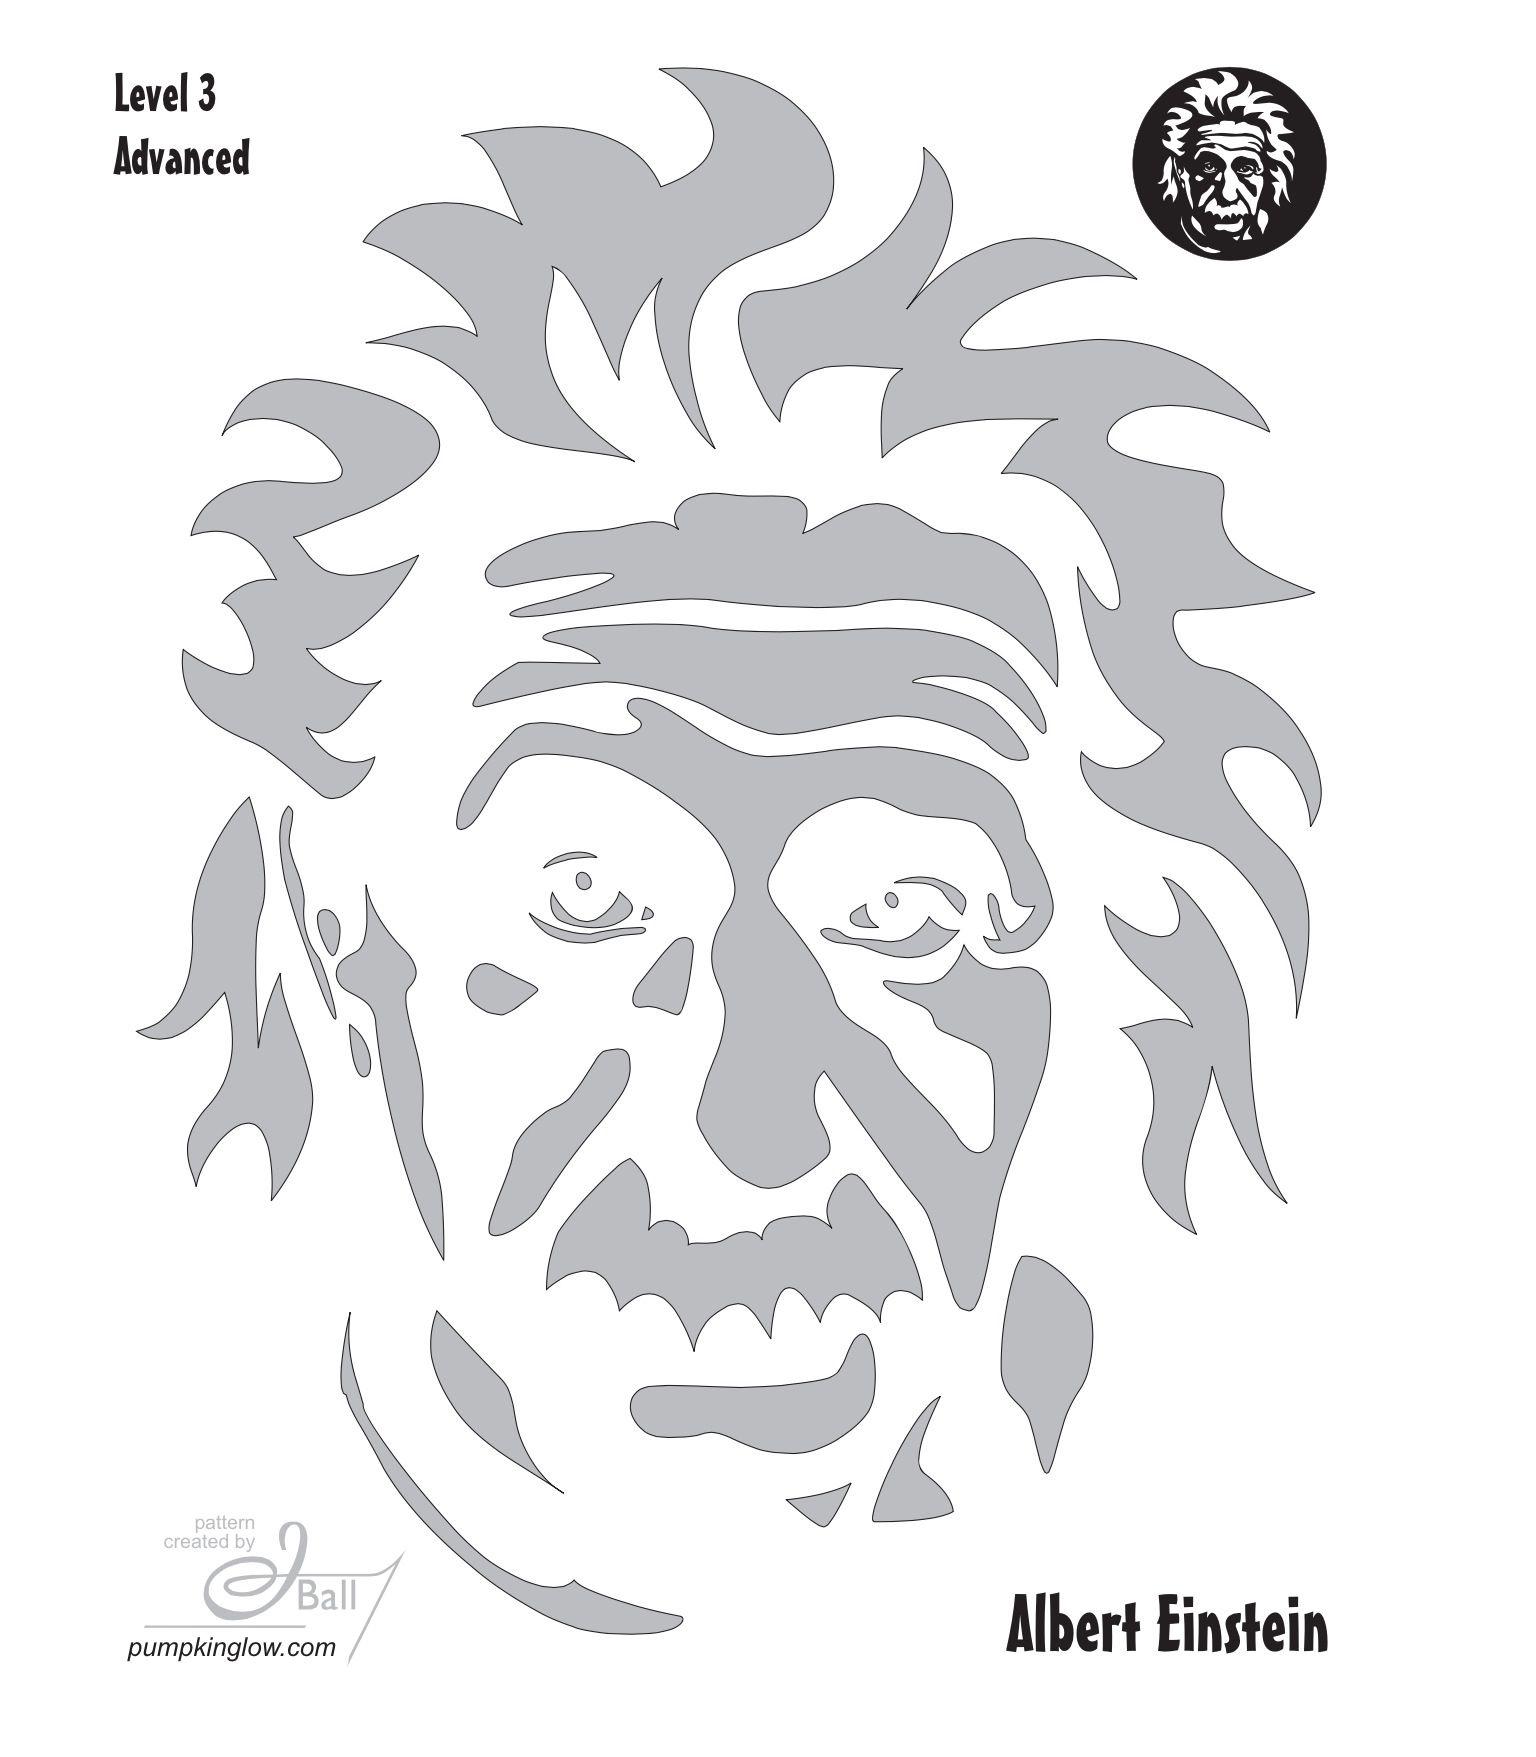 Einstein #stencil | stuffs | Pinterest | Einstein, Stenciling and ...